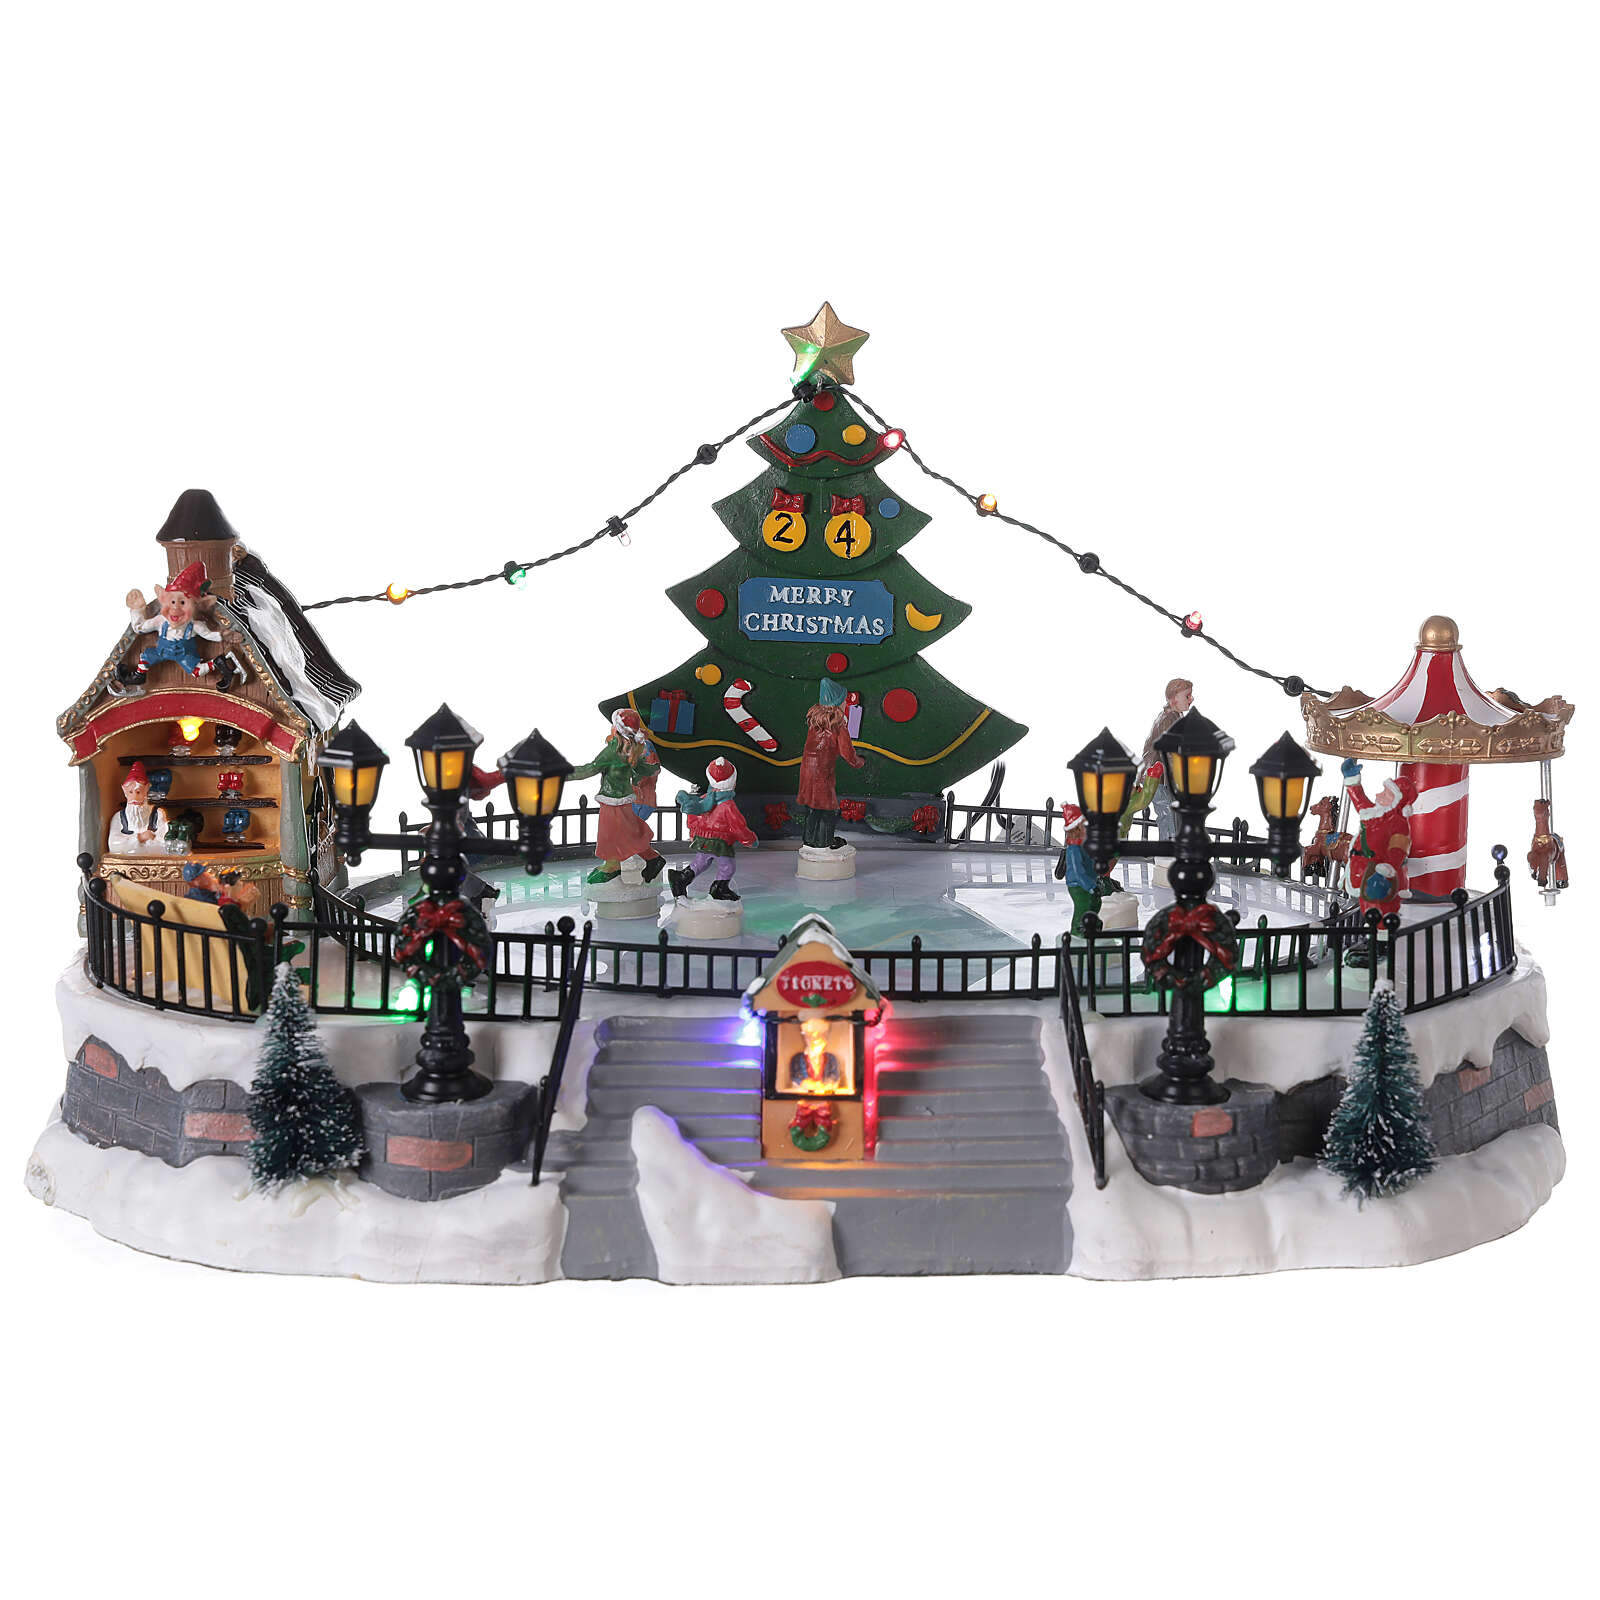 Pista pattinaggio villaggio Natale luci musica 20x40x30 cm 3